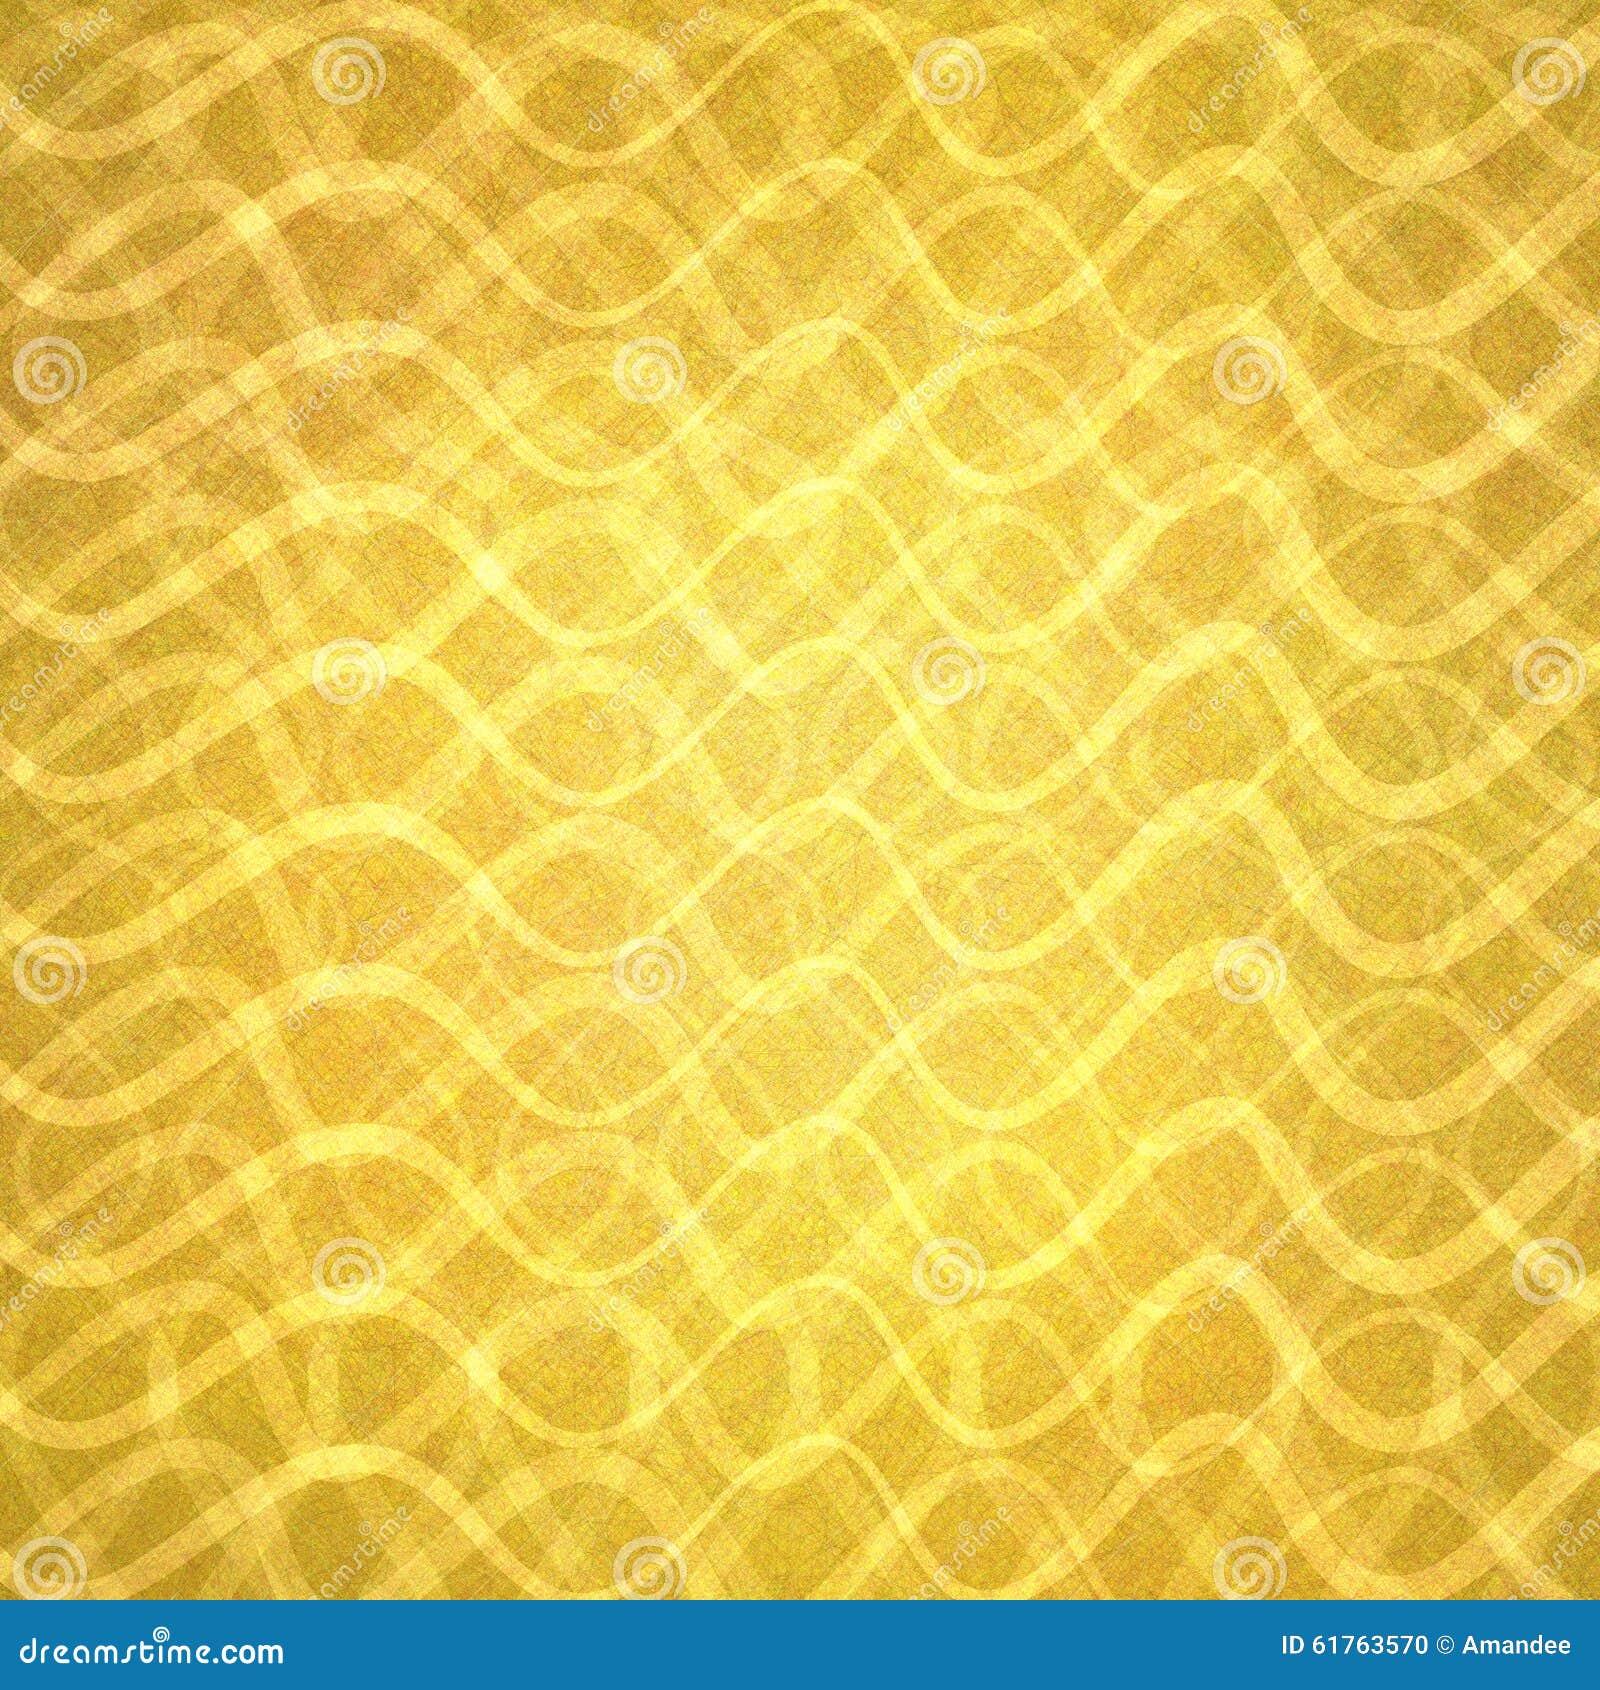 Abstrakcjonistyczny złoto z falistymi warstwami linie w abstrakta wzorze, luksusowy złocisty tło projekt